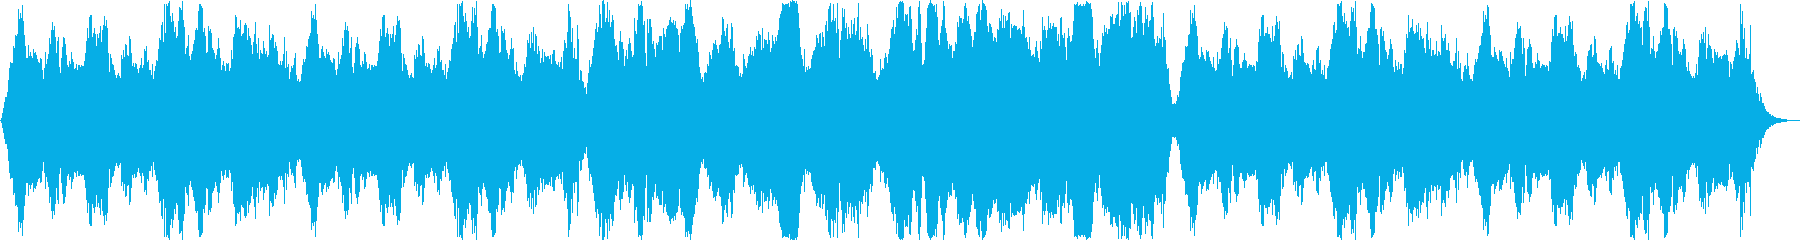 神秘的なシンセサイザーサウンドの再生済みの波形